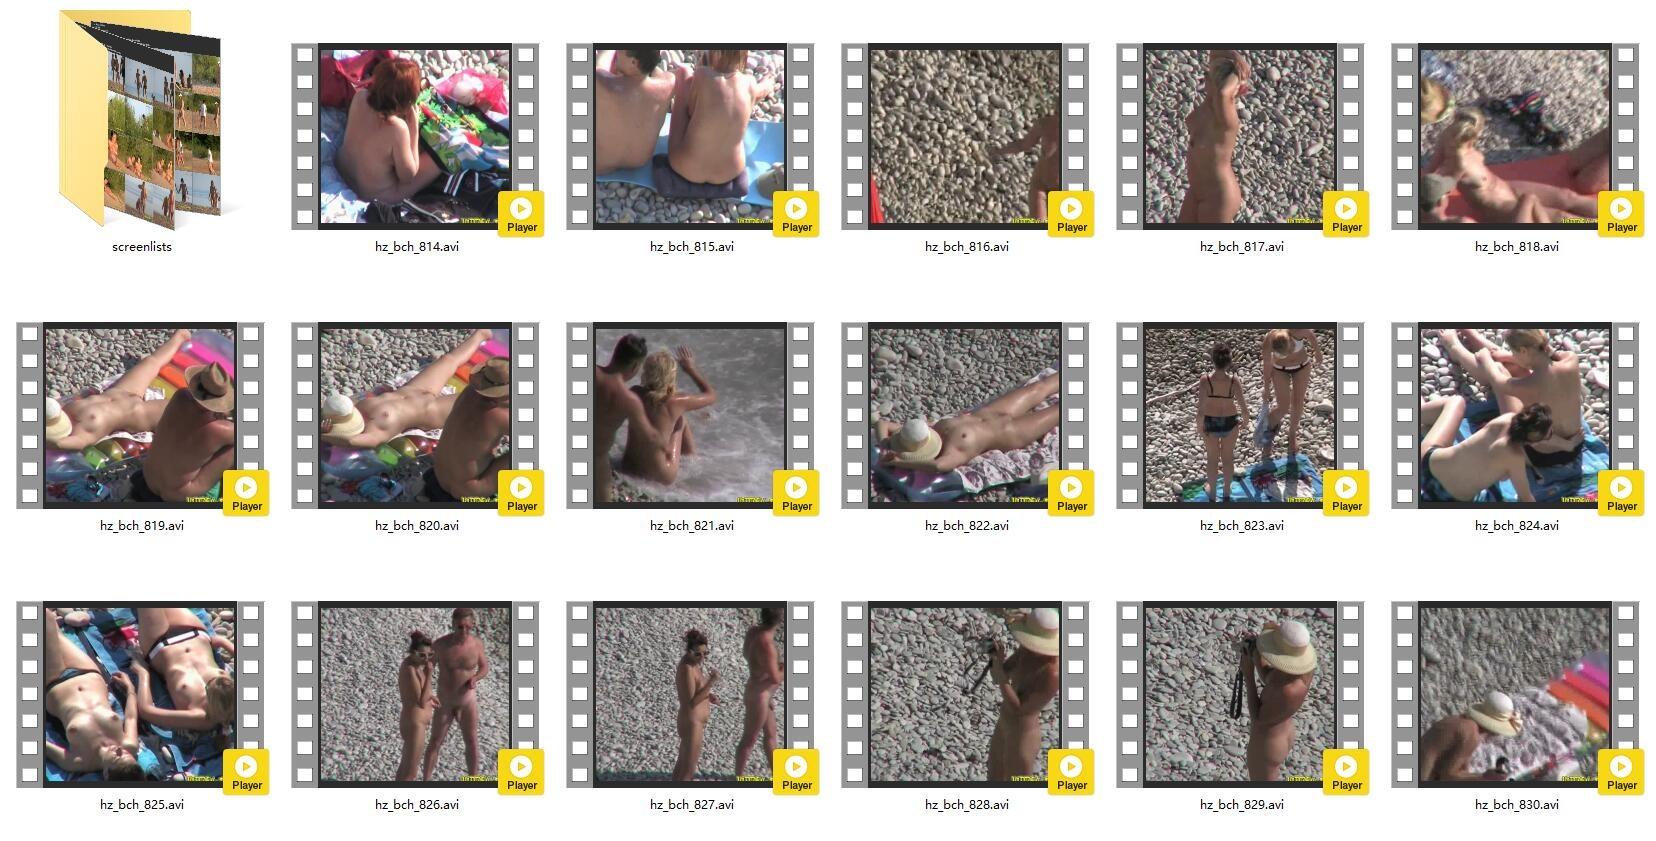 [Hidden-Zone.com] Nudism 814-1533 May 2010 - Dec 2014